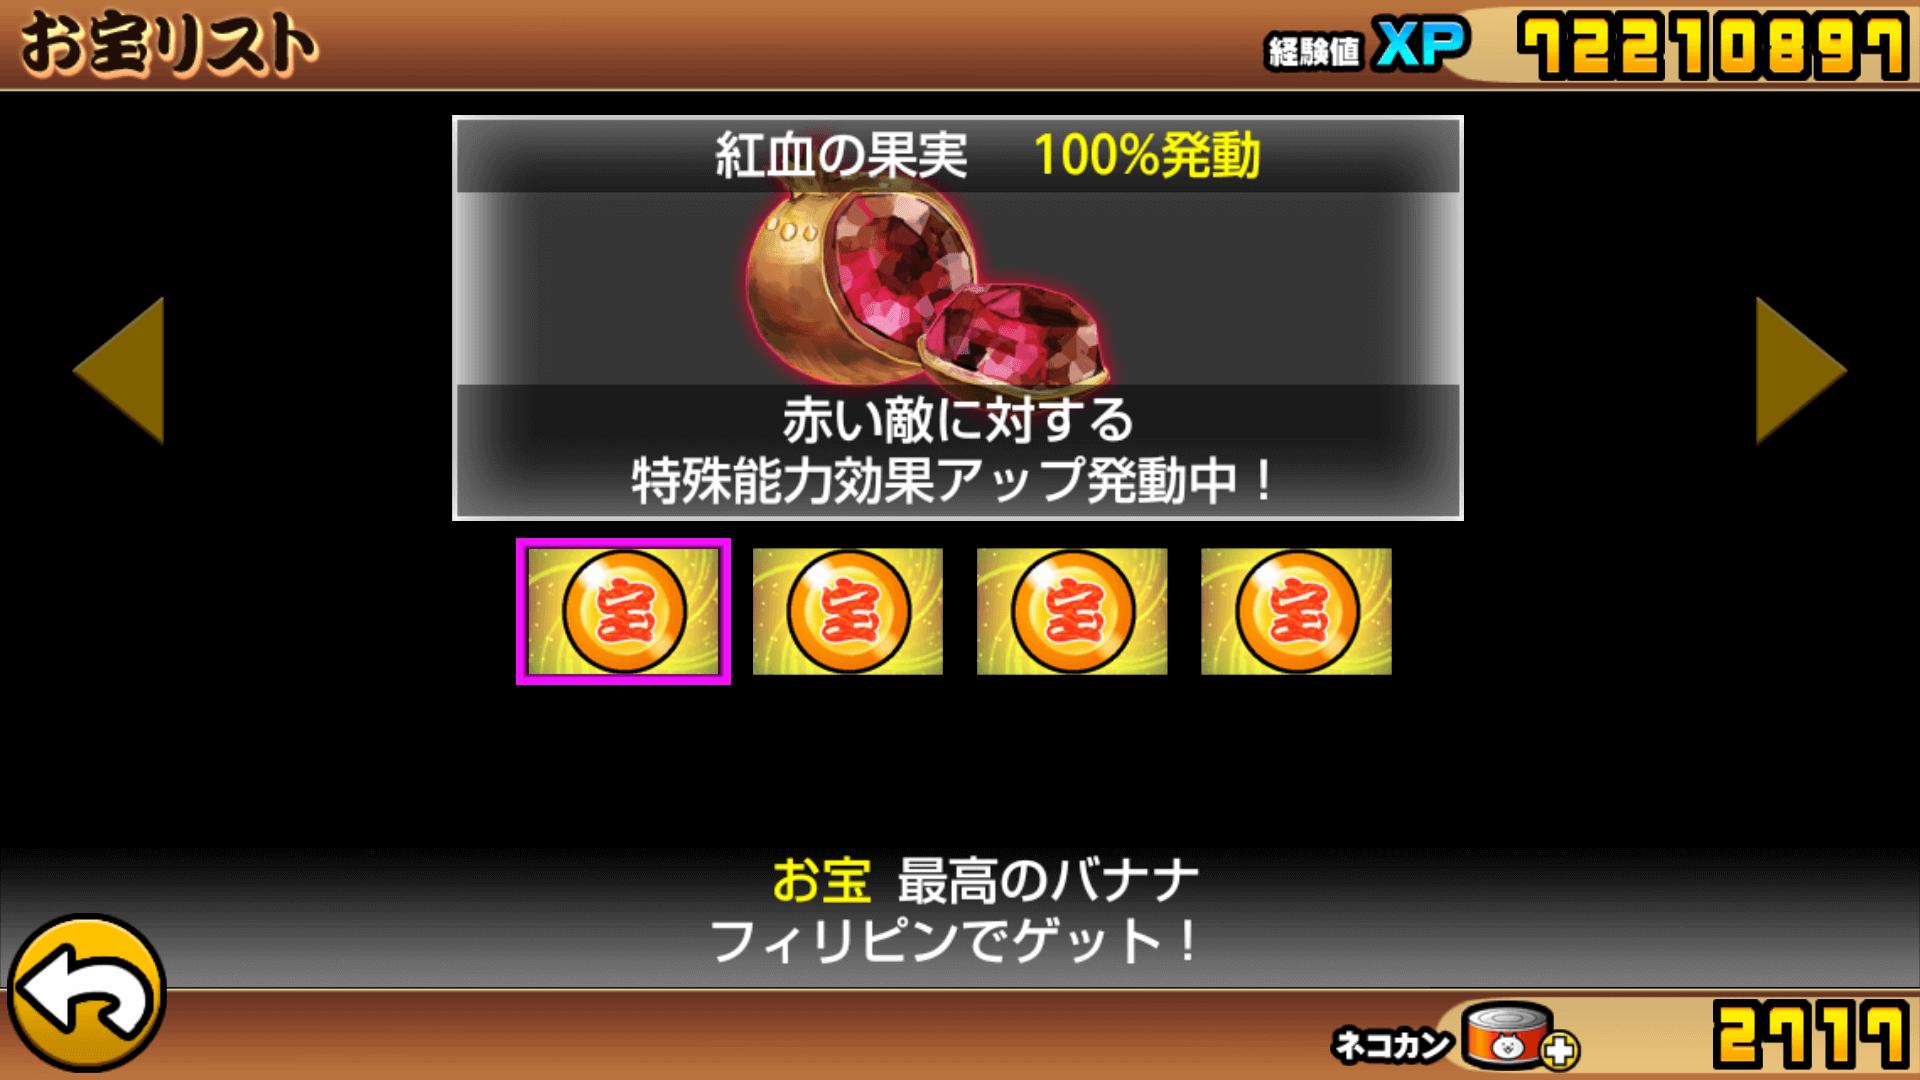 紅血の果実